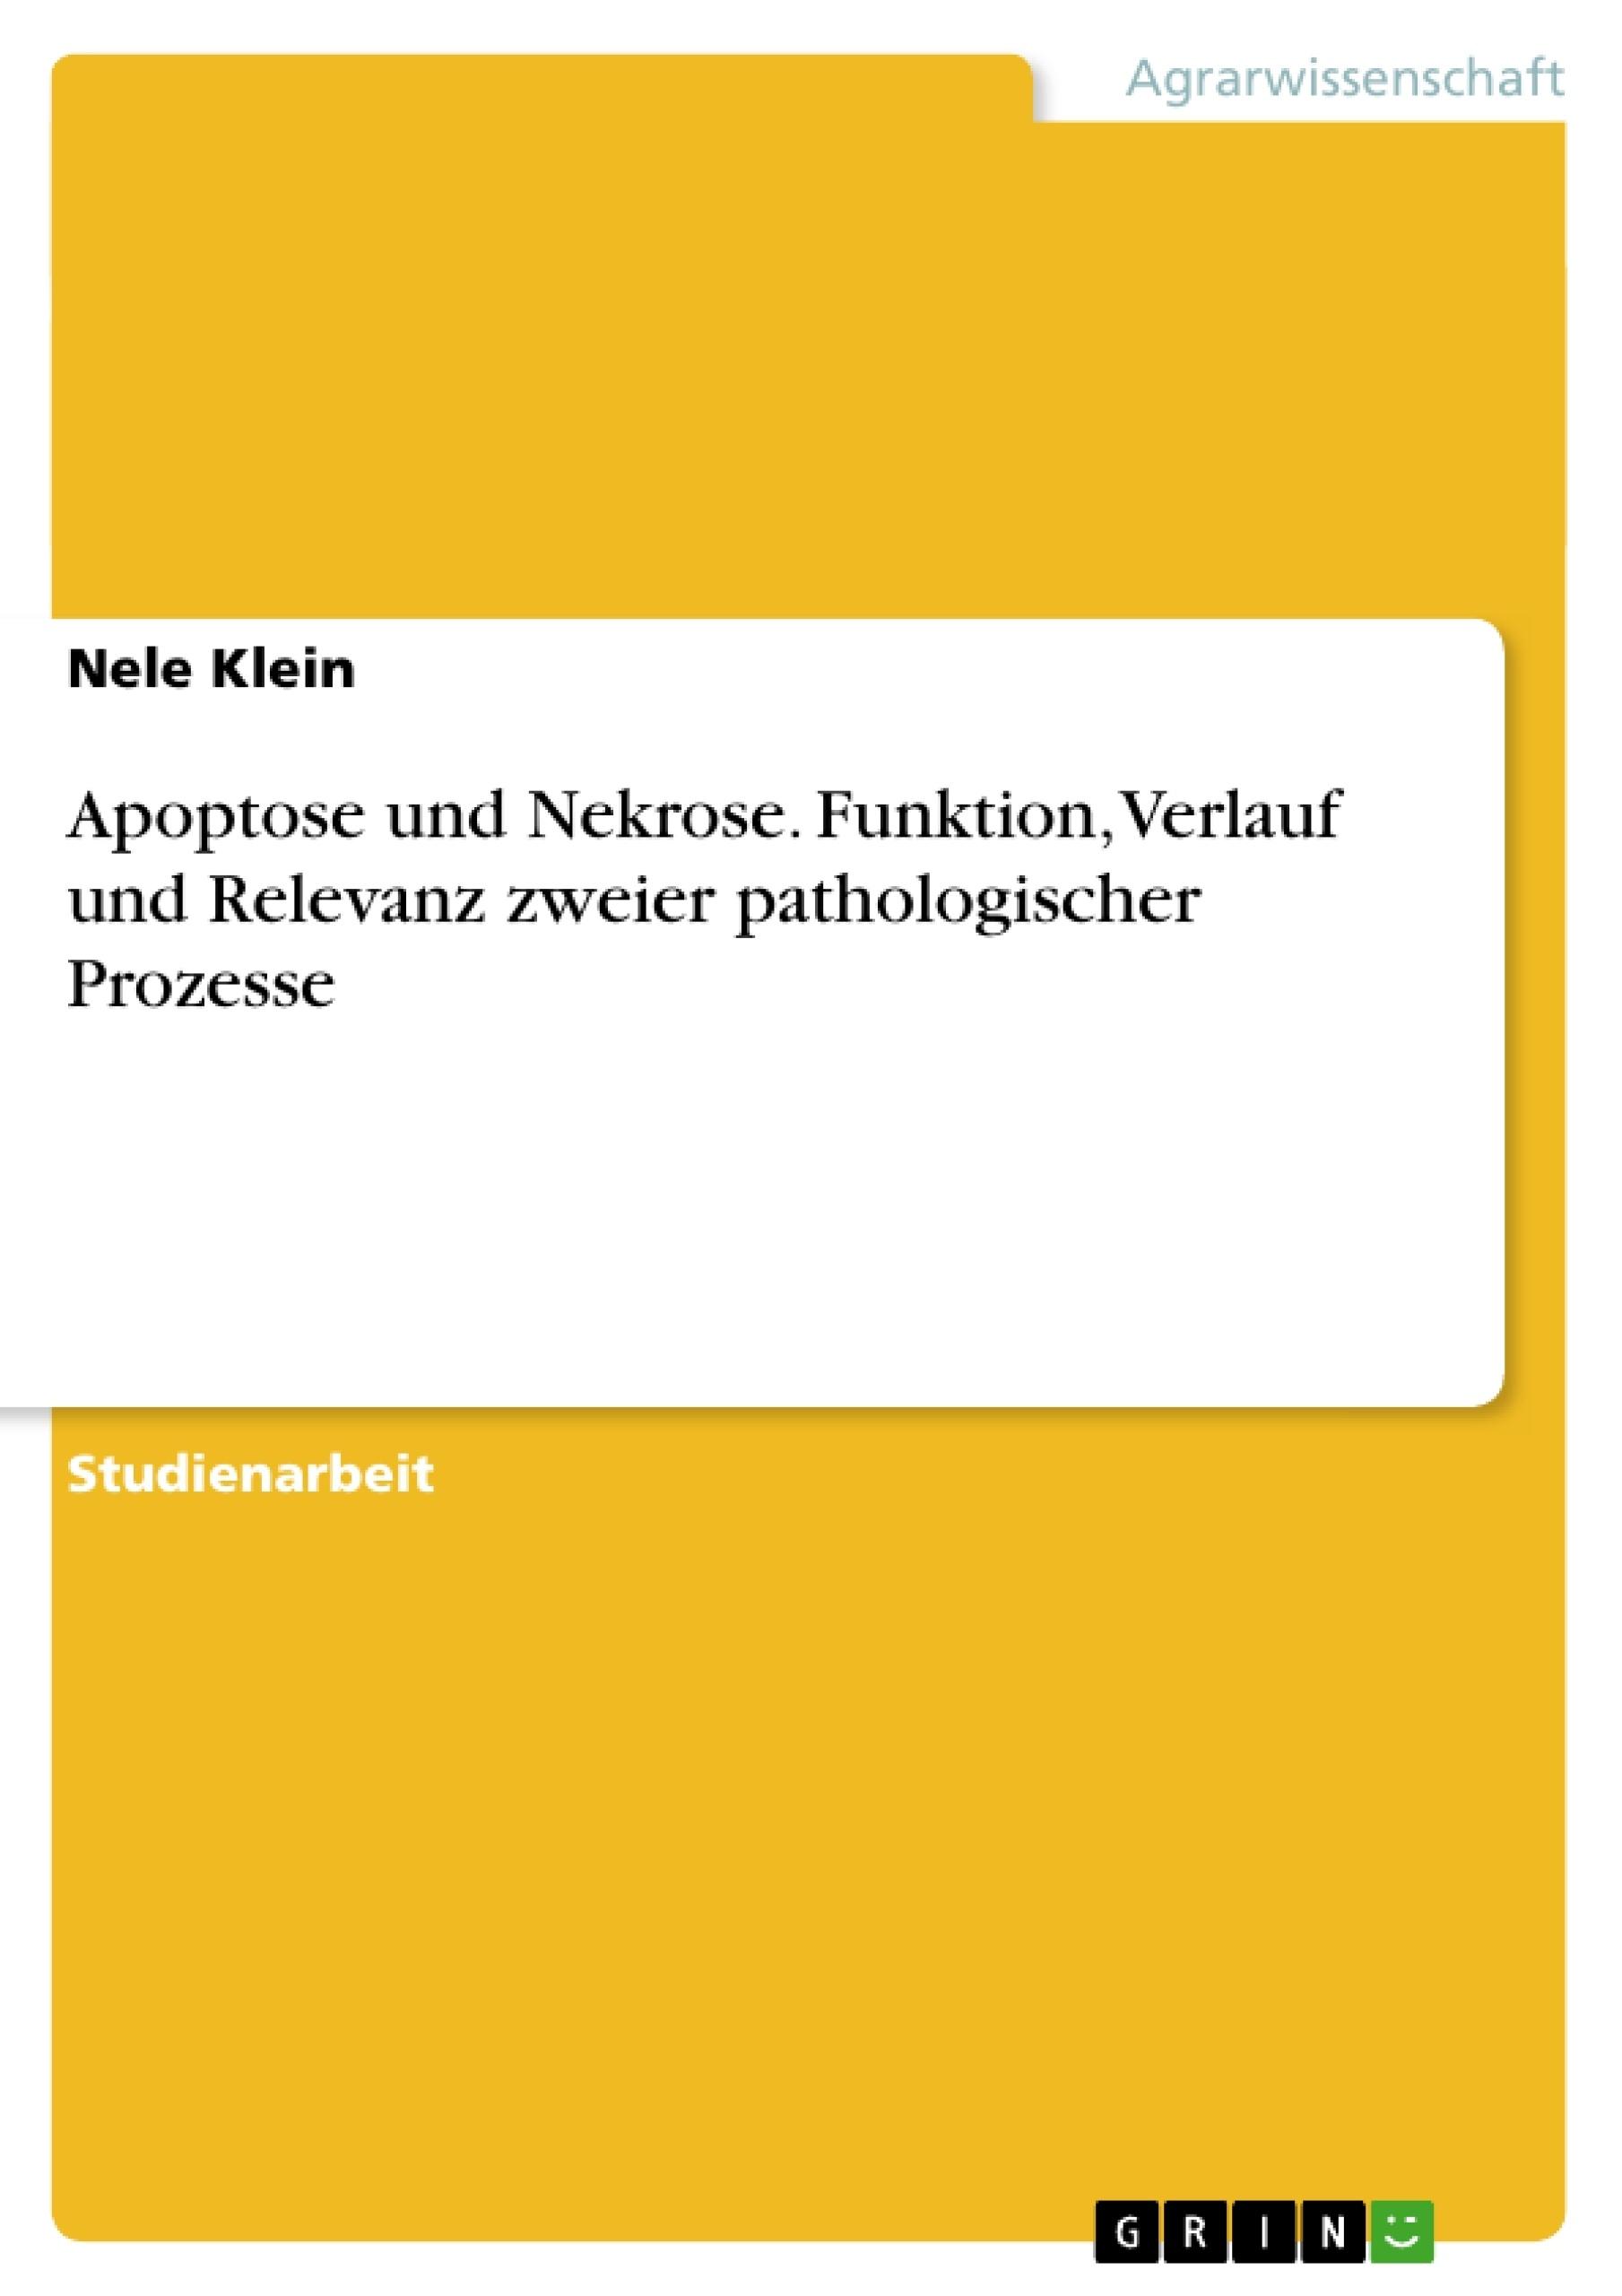 Titel: Apoptose und Nekrose. Funktion, Verlauf und Relevanz zweier pathologischer Prozesse